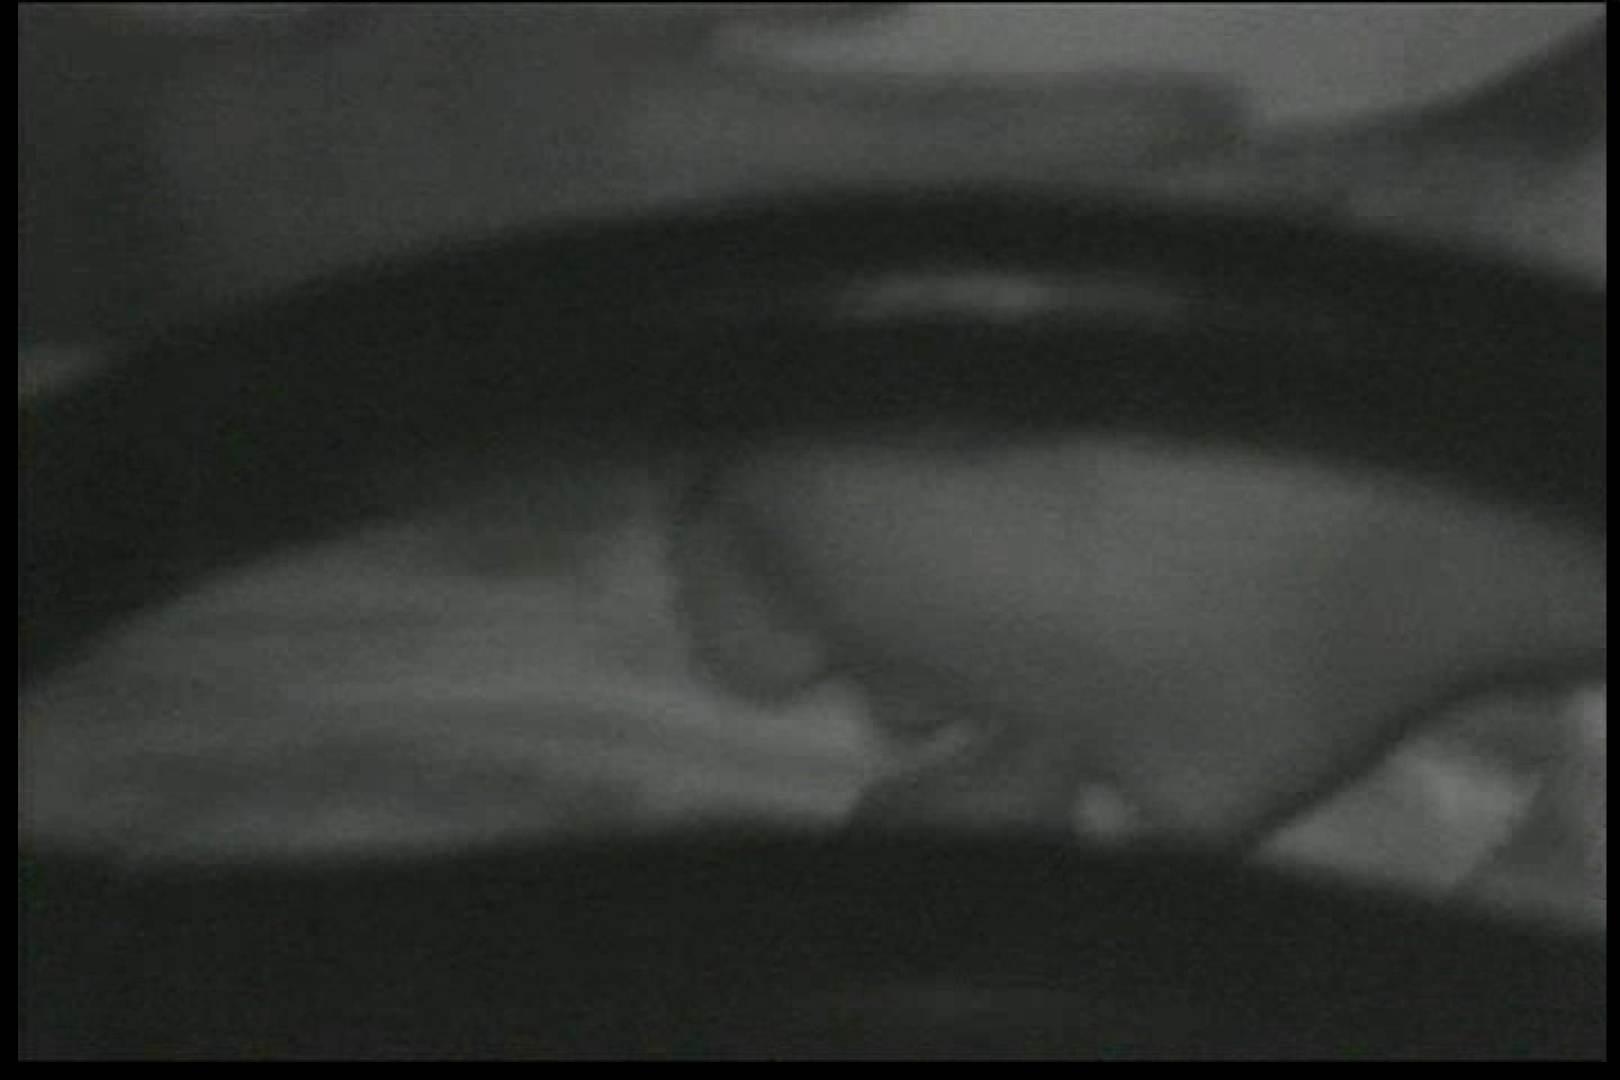 車の中はラブホテル 無修正版  Vol.12 赤外線 濡れ場動画紹介 93画像 78